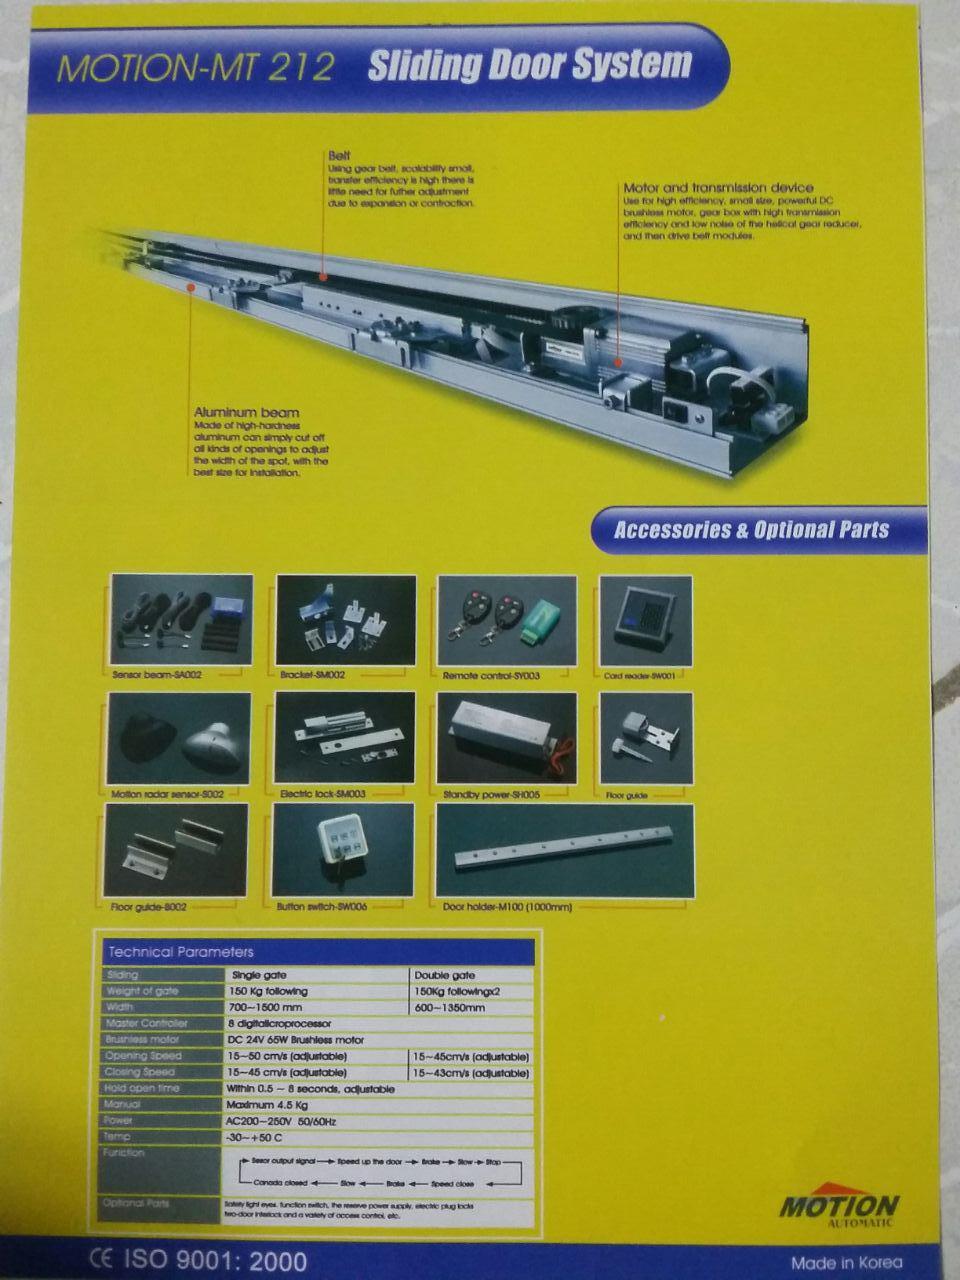 کاتالوگ درب اسلایدینگ موشن Mt-212